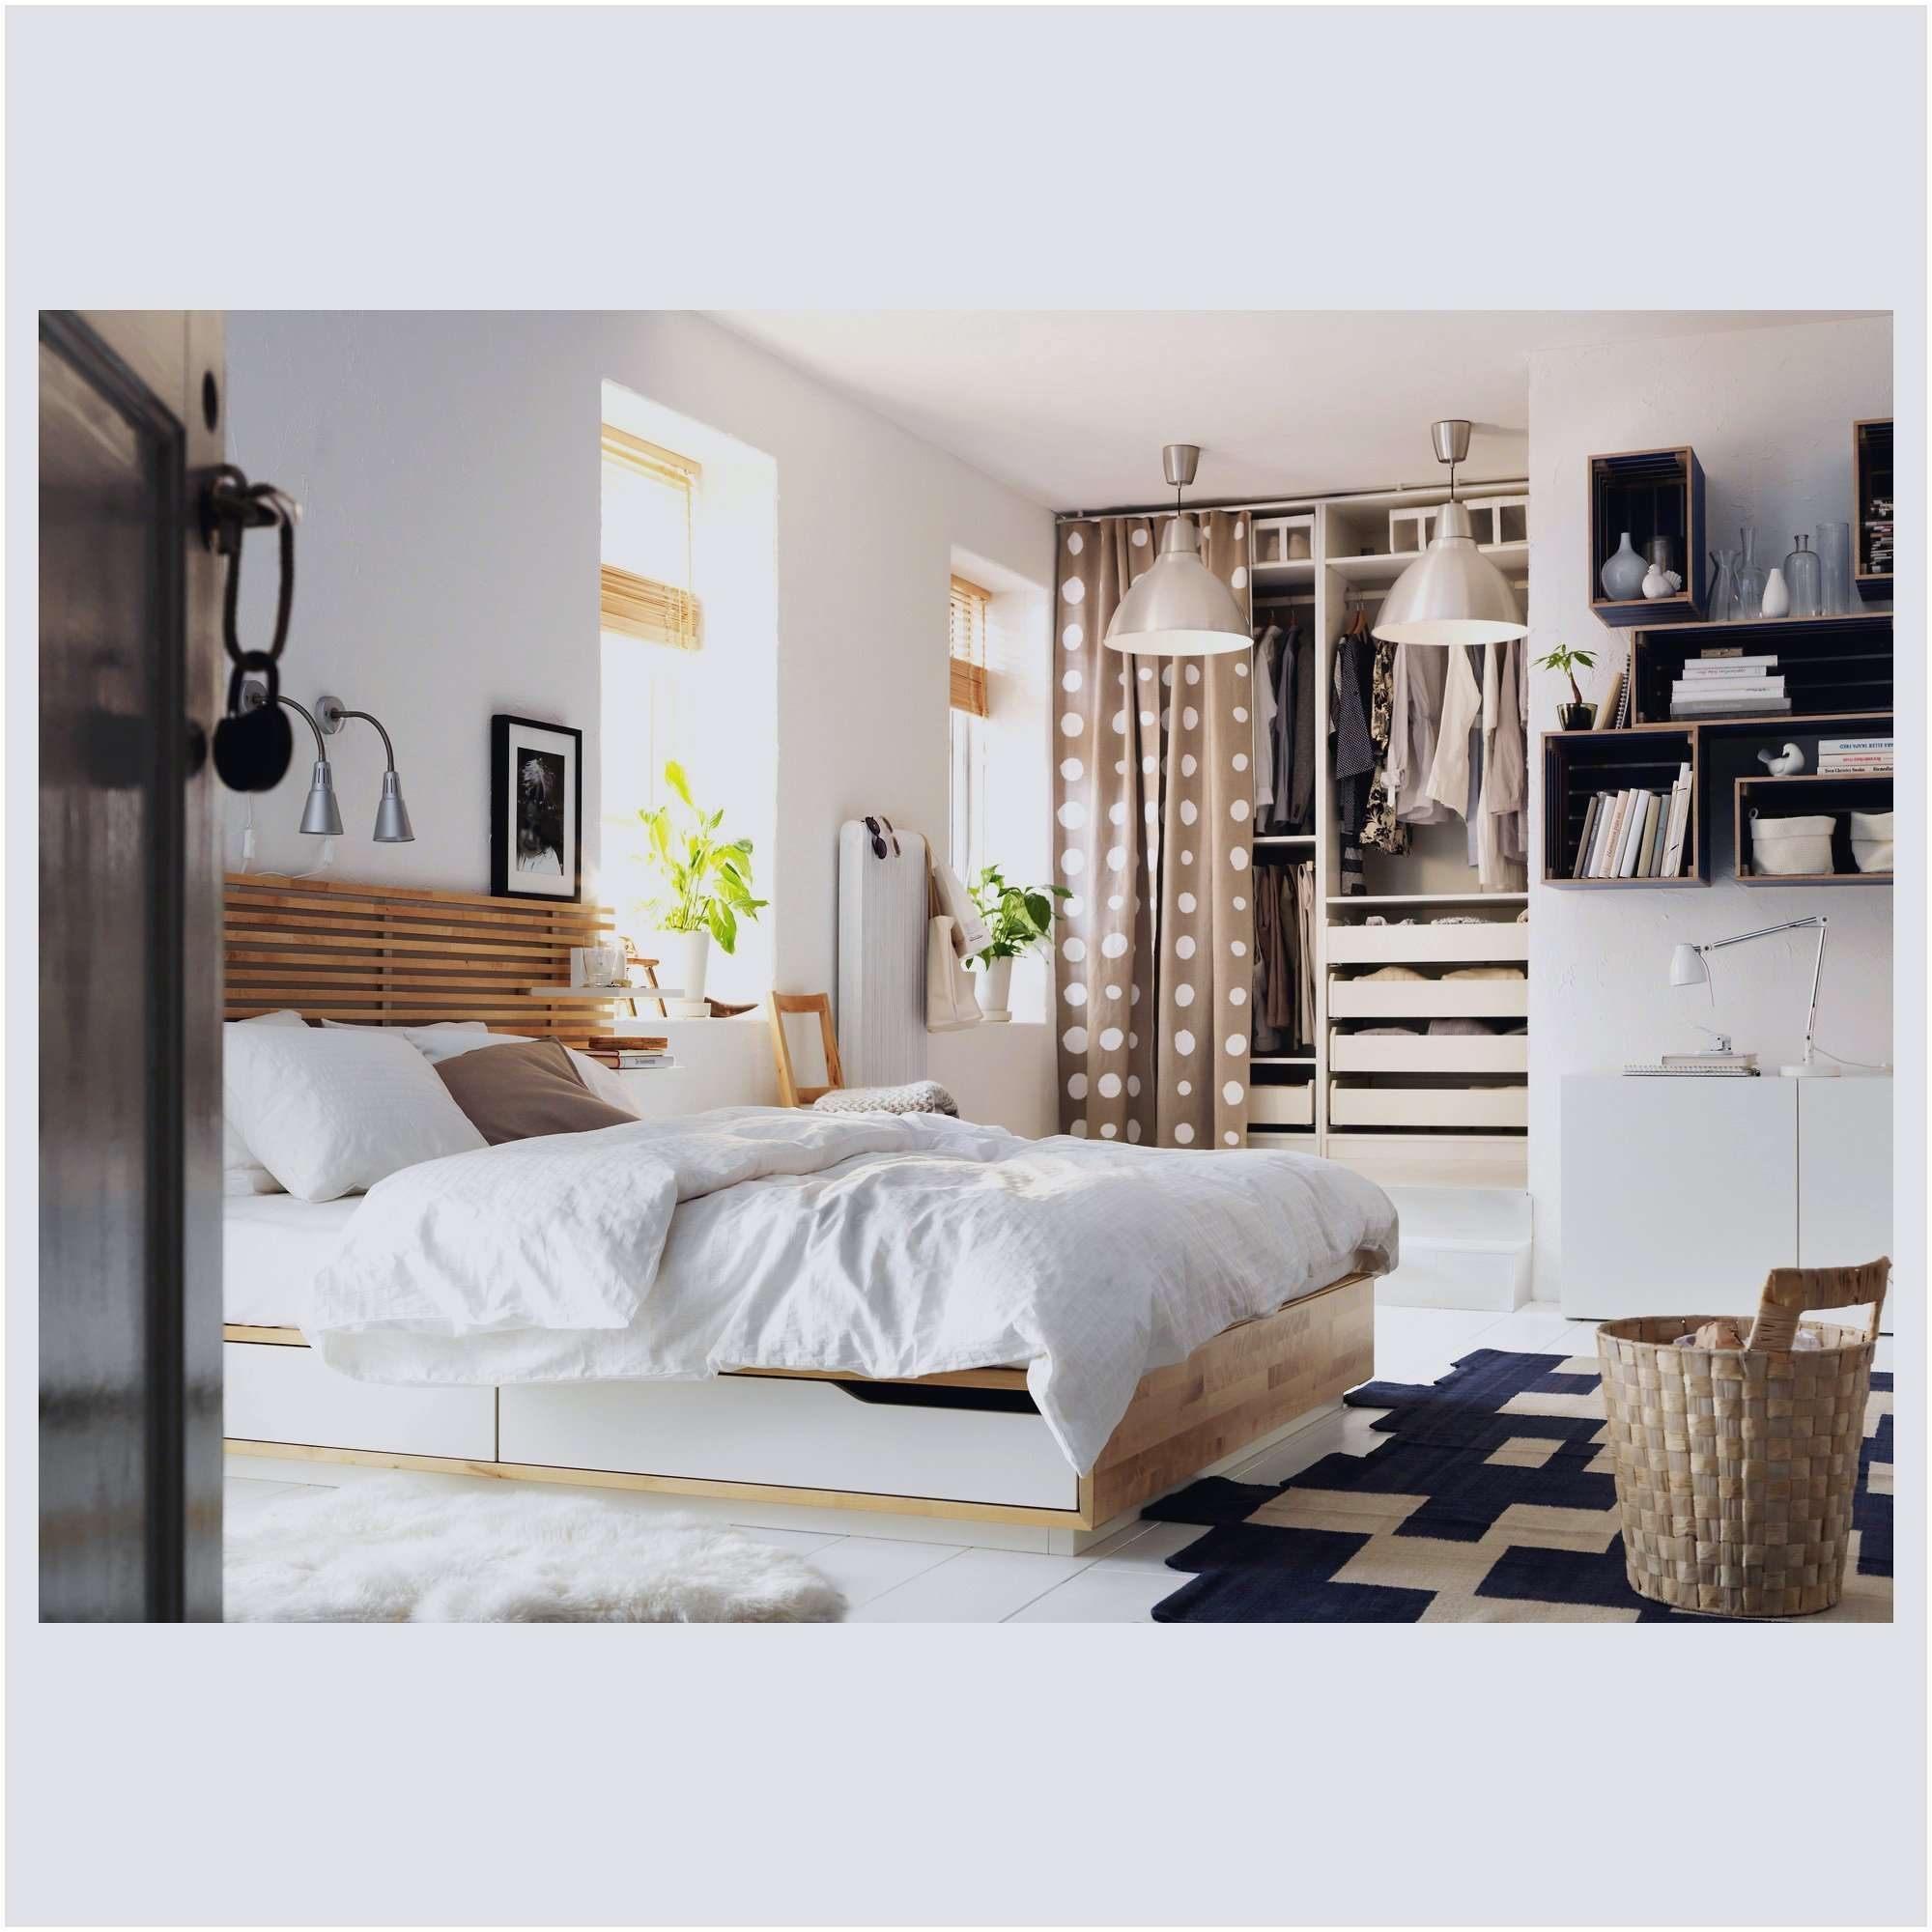 Lit Avec Rangement Pas Cher Luxe Tete De Lit Ikea Avec Rangement